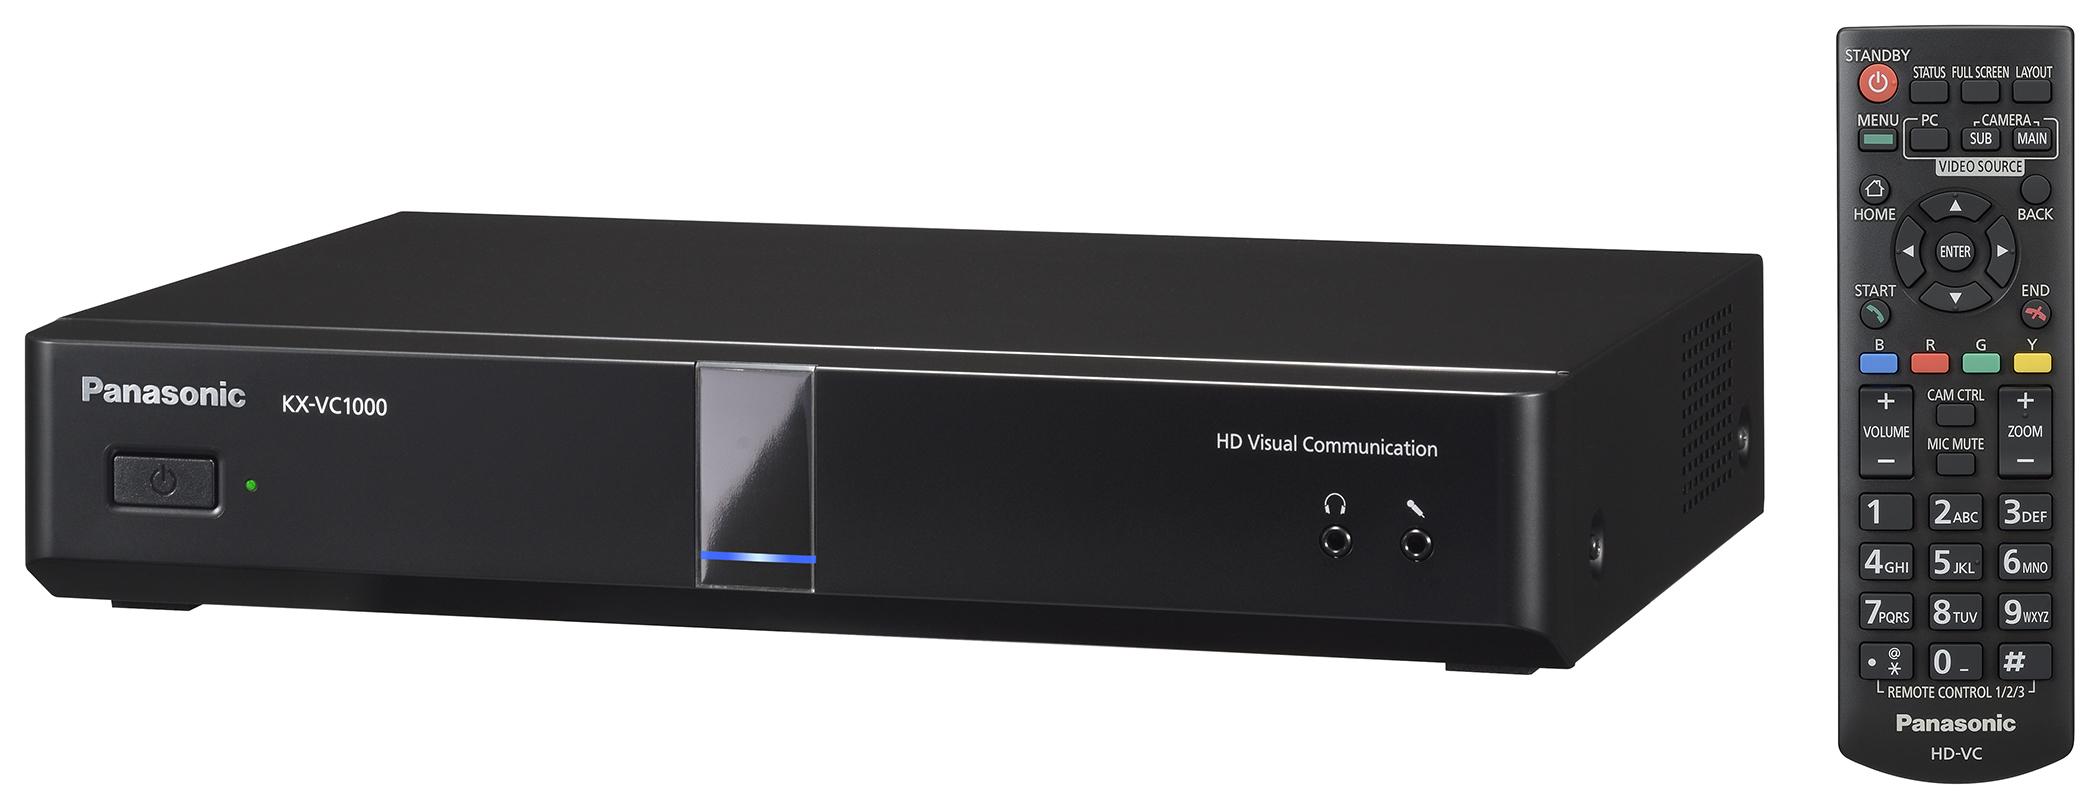 KX-VC1000_02_remote_english